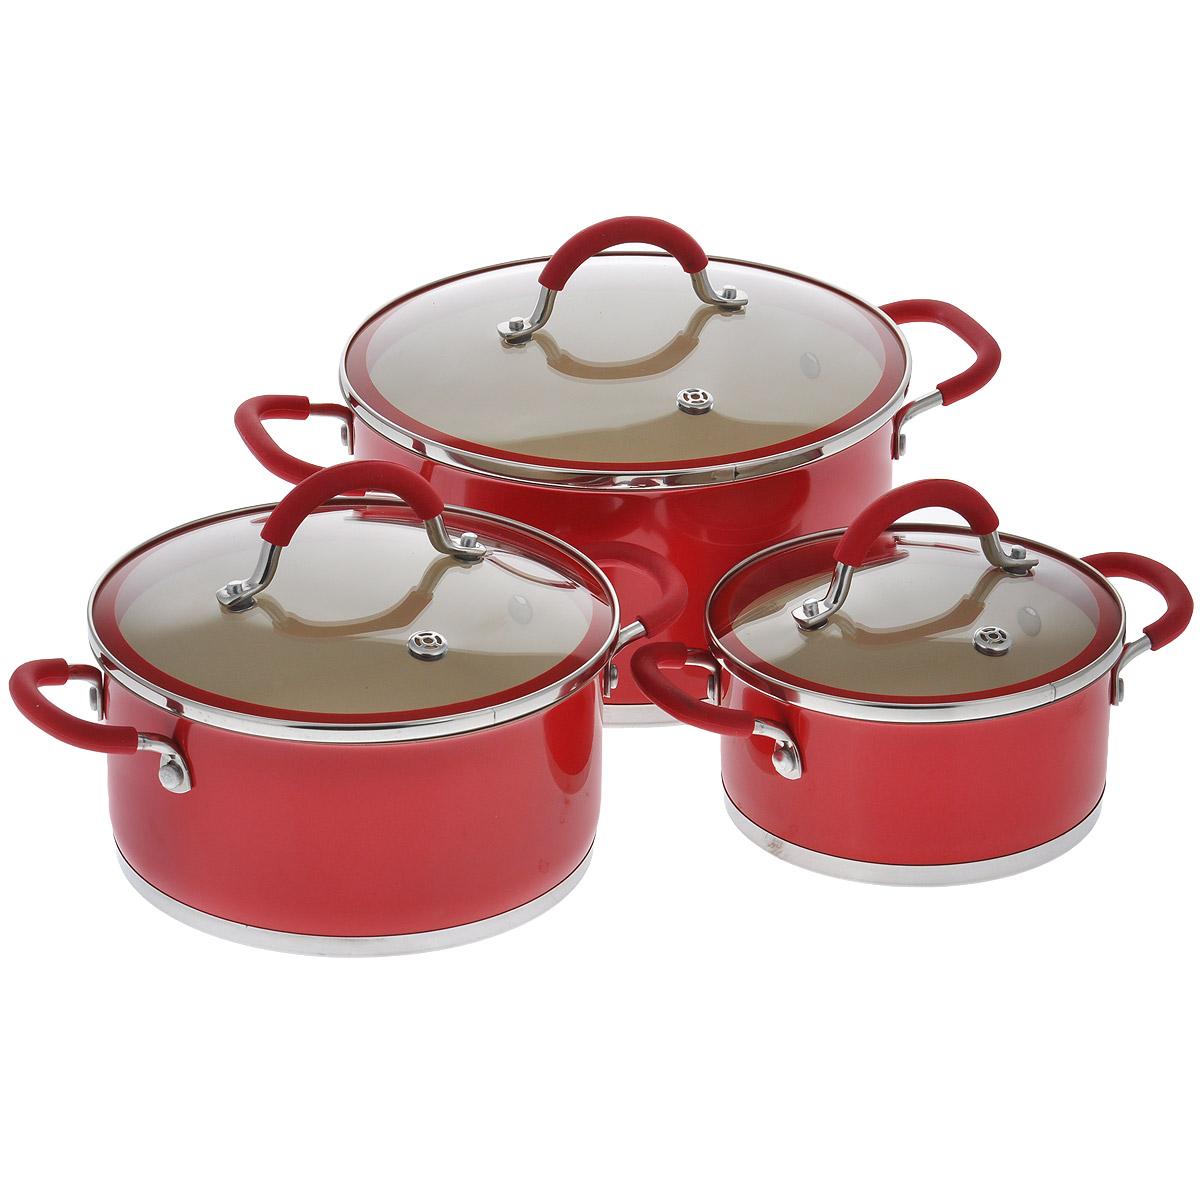 Набор посуды Winner, с керамическим покрытием, цвет: красный, 6 предметов. WR-1109VS-2024В набор посуды Winner входят 3 кастрюли с крышками. Предметы набора выполнены из высококачественной нержавеющей стали 18/10 с антипригарным керамическим нанопокрытием Creblon. Посуда с нанопокрытием обладает высокой прочностью, жаро-, износо-, коррозийной стойкостью, химической инертностью. При нагревании до высоких температур не выделяет и не впитывает в себя вредных для человека химических соединений. Нанопокрытие гарантирует быстрый и равномерный нагрев посуды и существенную экономию электроэнергии. Данная технология позволяет исключить деформацию корпуса при частом и длительном использовании посуды. Посуда имеет внешнее цветное жаростойкое покрытие, что придает набору особо эстетичный внешний вид. Предметы набора оснащены двумя удобными ручками из нержавеющей стали с силиконовым покрытием. Крышки, выполненные из термостойкого стекла с силиконовым ободком и пароотводом, позволят вам следить за процессом приготовления пищи. Крышки плотно прилегают к краям посуды, предотвращая проливание жидкости и сохраняя аромат блюд. Подходит для газовых, электрических, стеклокерамических и индукционных плит. Рекомендована ручная чистка.Набор посуды Winner - идеальный подарок для современных хозяек, которые следят за своим здоровьем и здоровьем своей семьи. Эргономичный дизайн и функциональность набора позволят вам наслаждаться процессом приготовления любимых, полезных для здоровья блюд. Объем кастрюль: 1,5 л; 3 л; 5 л. Внешний диаметр: 17 см; 21,2 см; 25,3 см. Внутренний диаметр: 16 см; 20 см; 24 см. Ширина кастрюль с учетом ручек: 24 см; 28,5 см; 35 см.Диаметр крышек: 17 см; 21 см; 25 см.Высота стенок: 8 см; 10 см; 12 см.Толщина стенки: 0,7 мм.Толщина дна: 3 мм.Диаметр дна: 15,7 см; 19,5 см; 23,5 см.